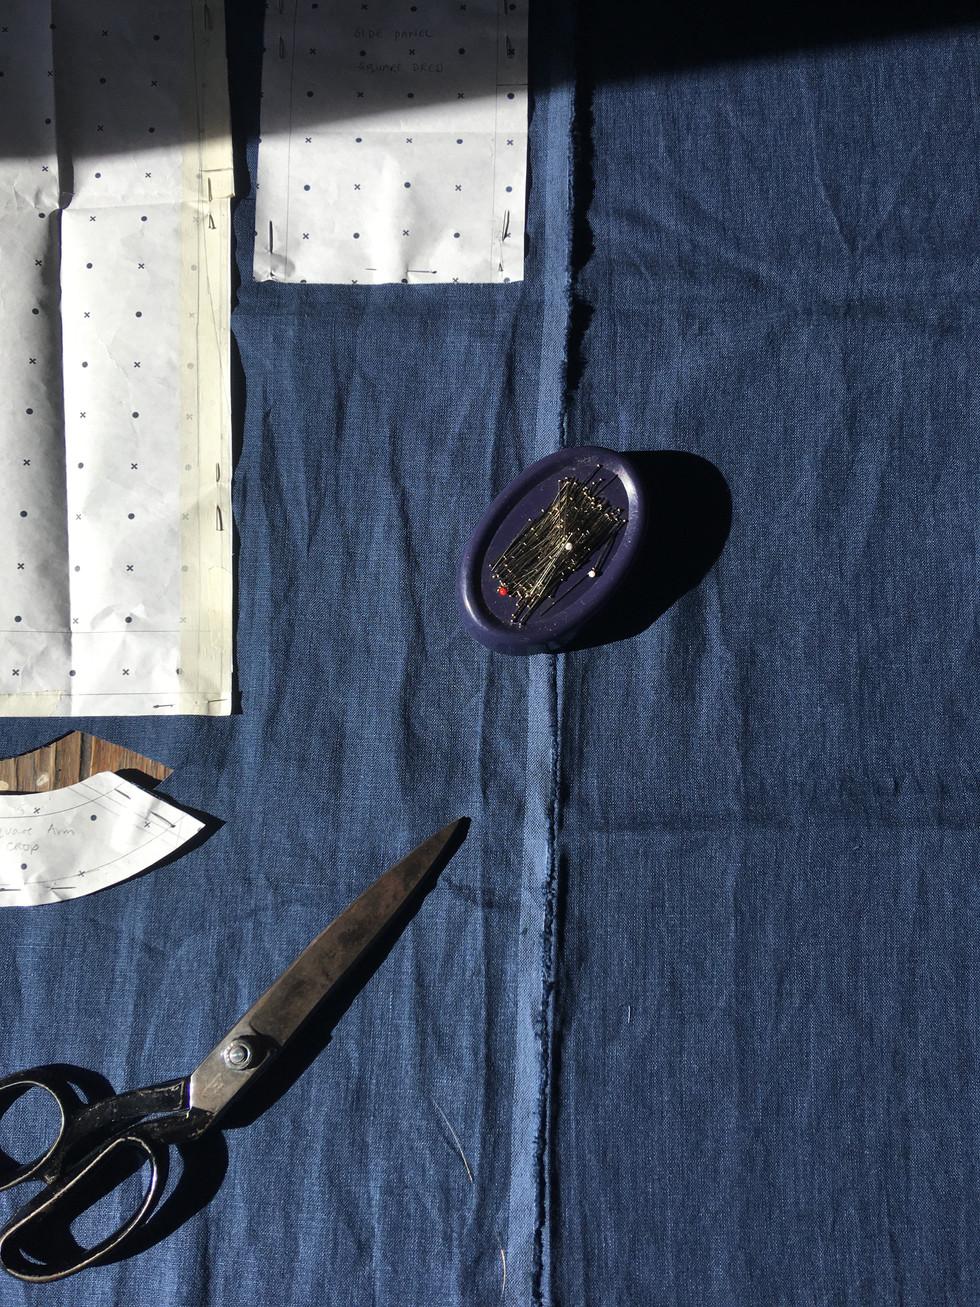 Indigo dyed linen Top